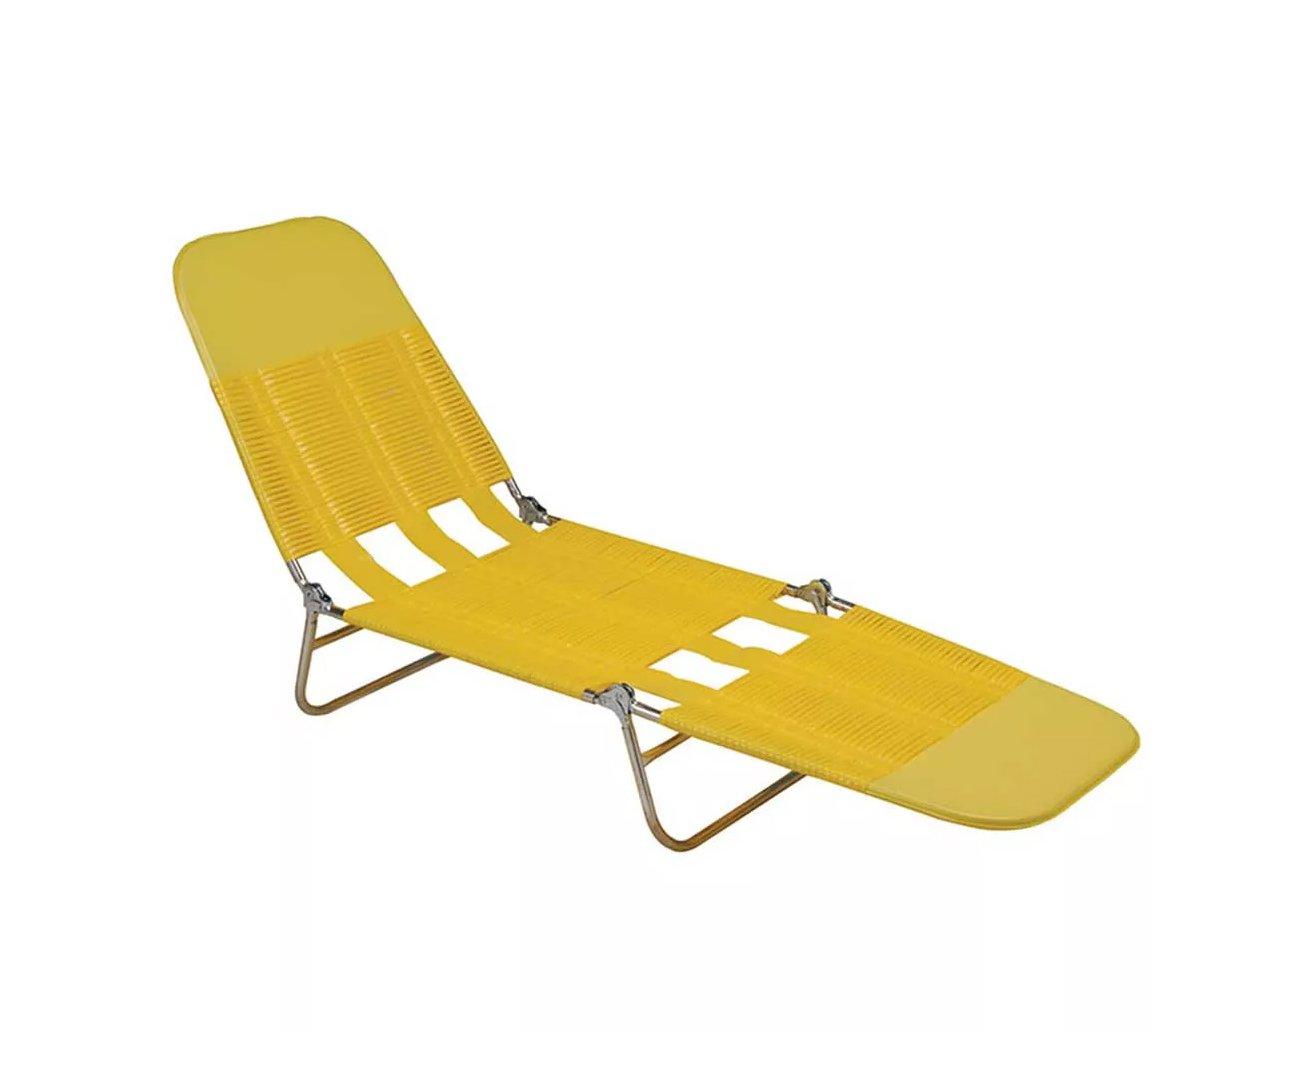 Cadeira Espreguiçadeira Pvc Amarelo - Mor